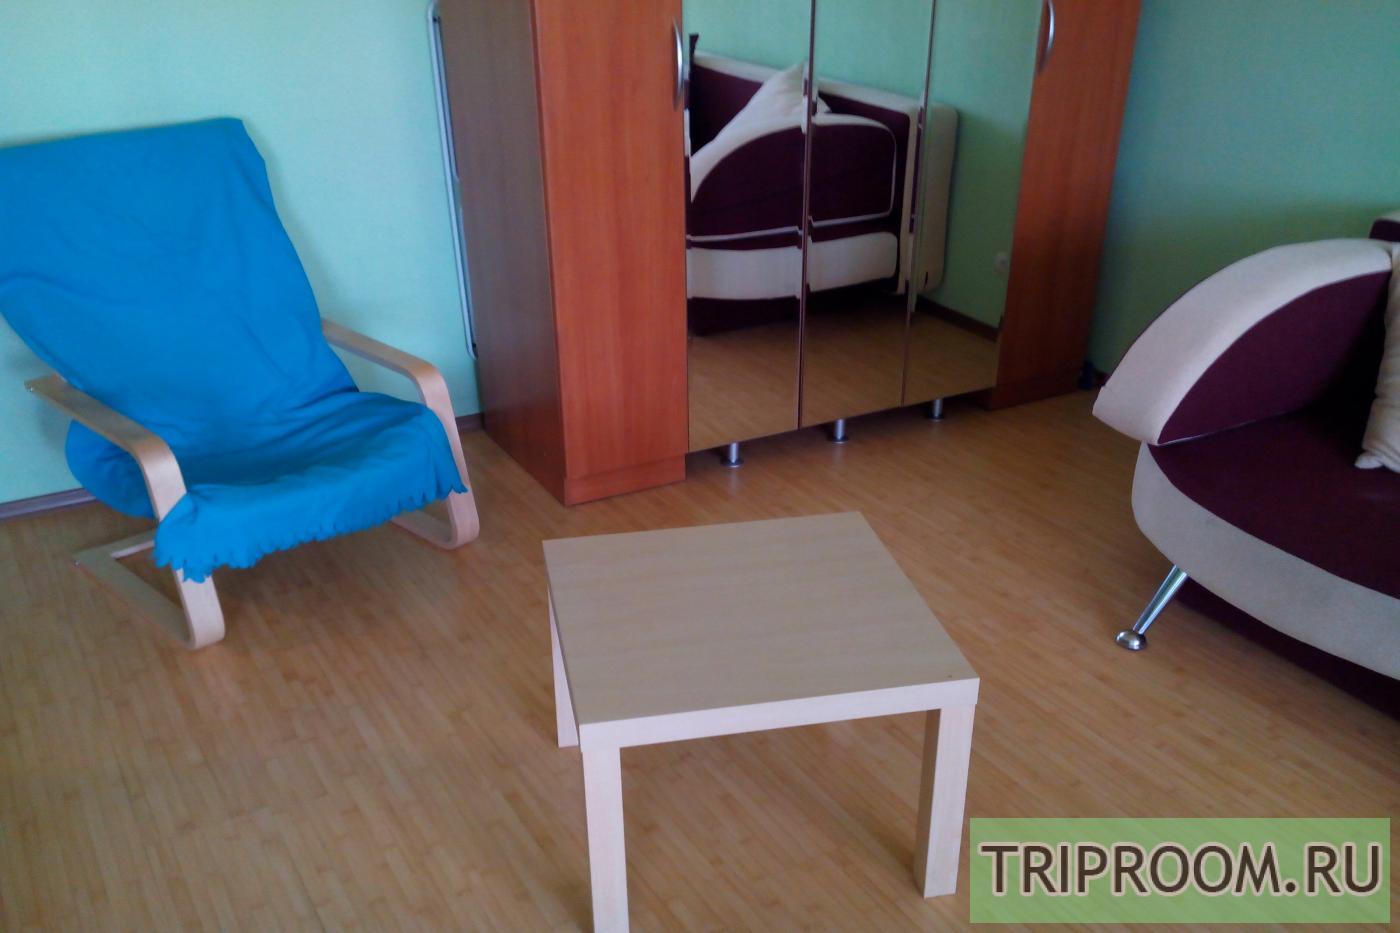 1-комнатная квартира посуточно (вариант № 8940), ул. Советская улица, фото № 8